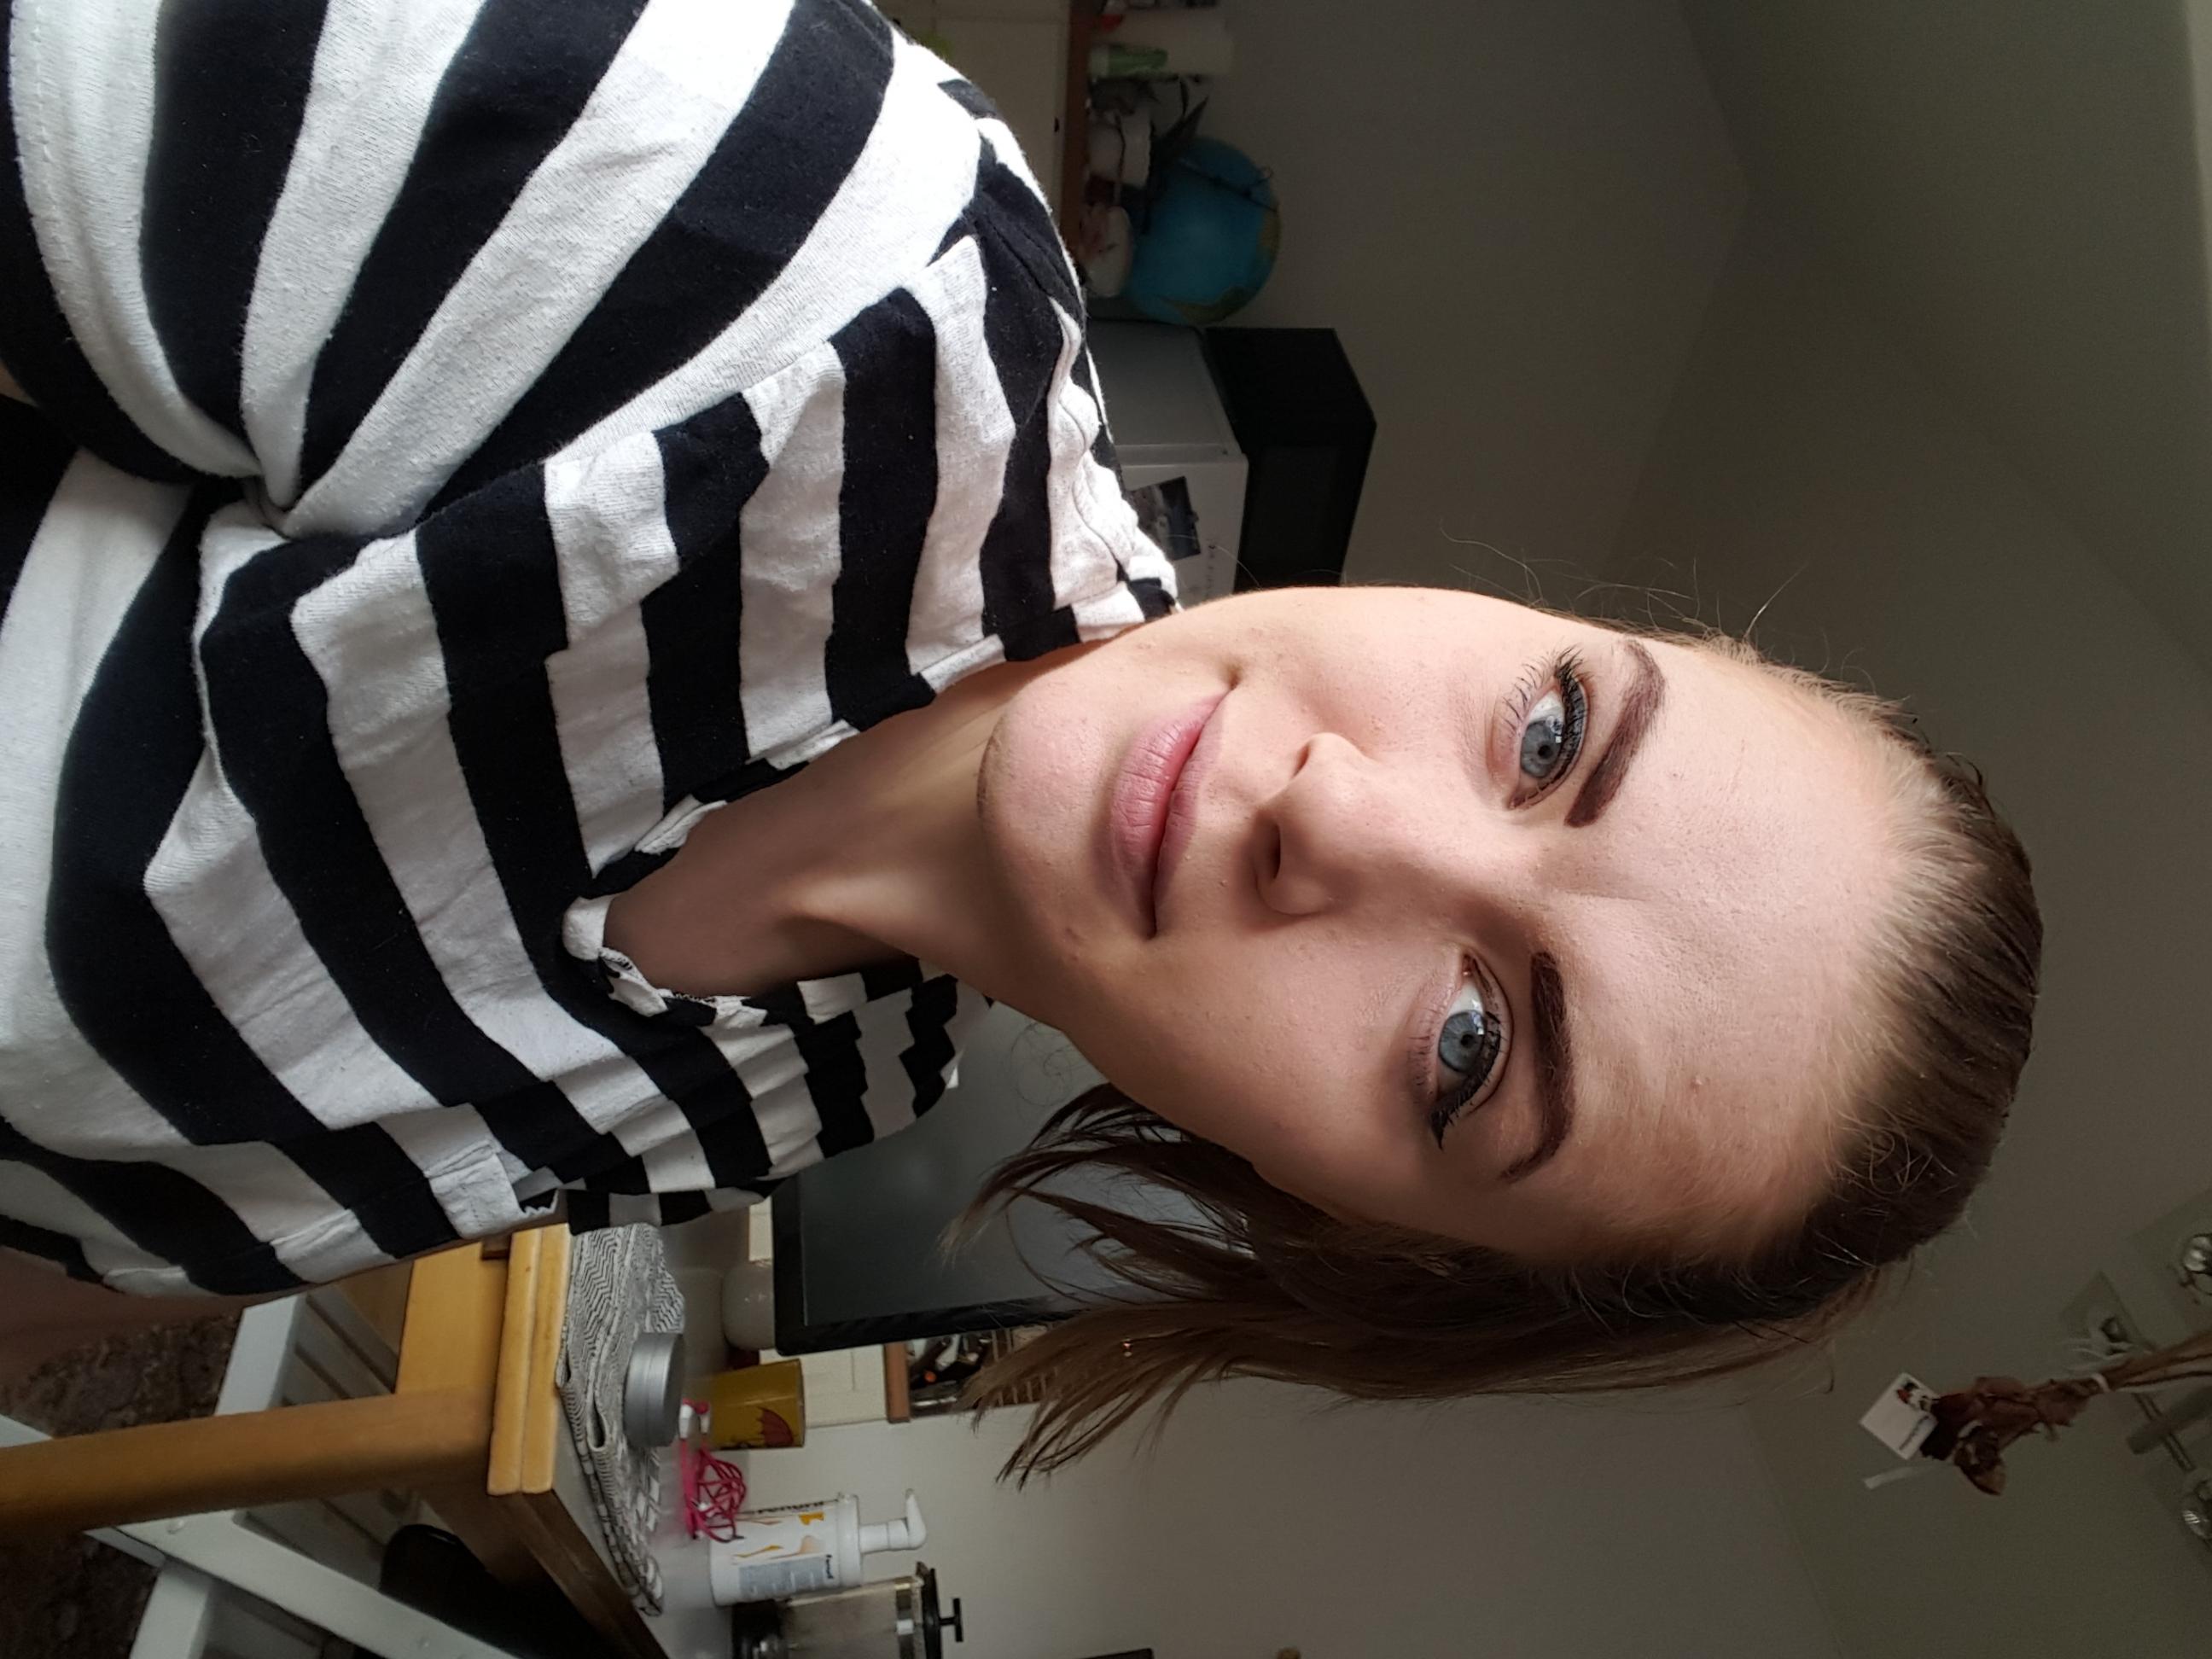 Hej, jag heter Karin och jobbar som vikarie på Sensus Sundsvall, avdelning musik. Mina främsta områden är att främja verksamheten hos unga och de som identifierar sig som kvinnor. Jag älskar sång, dans och teater. Spelar även i band!